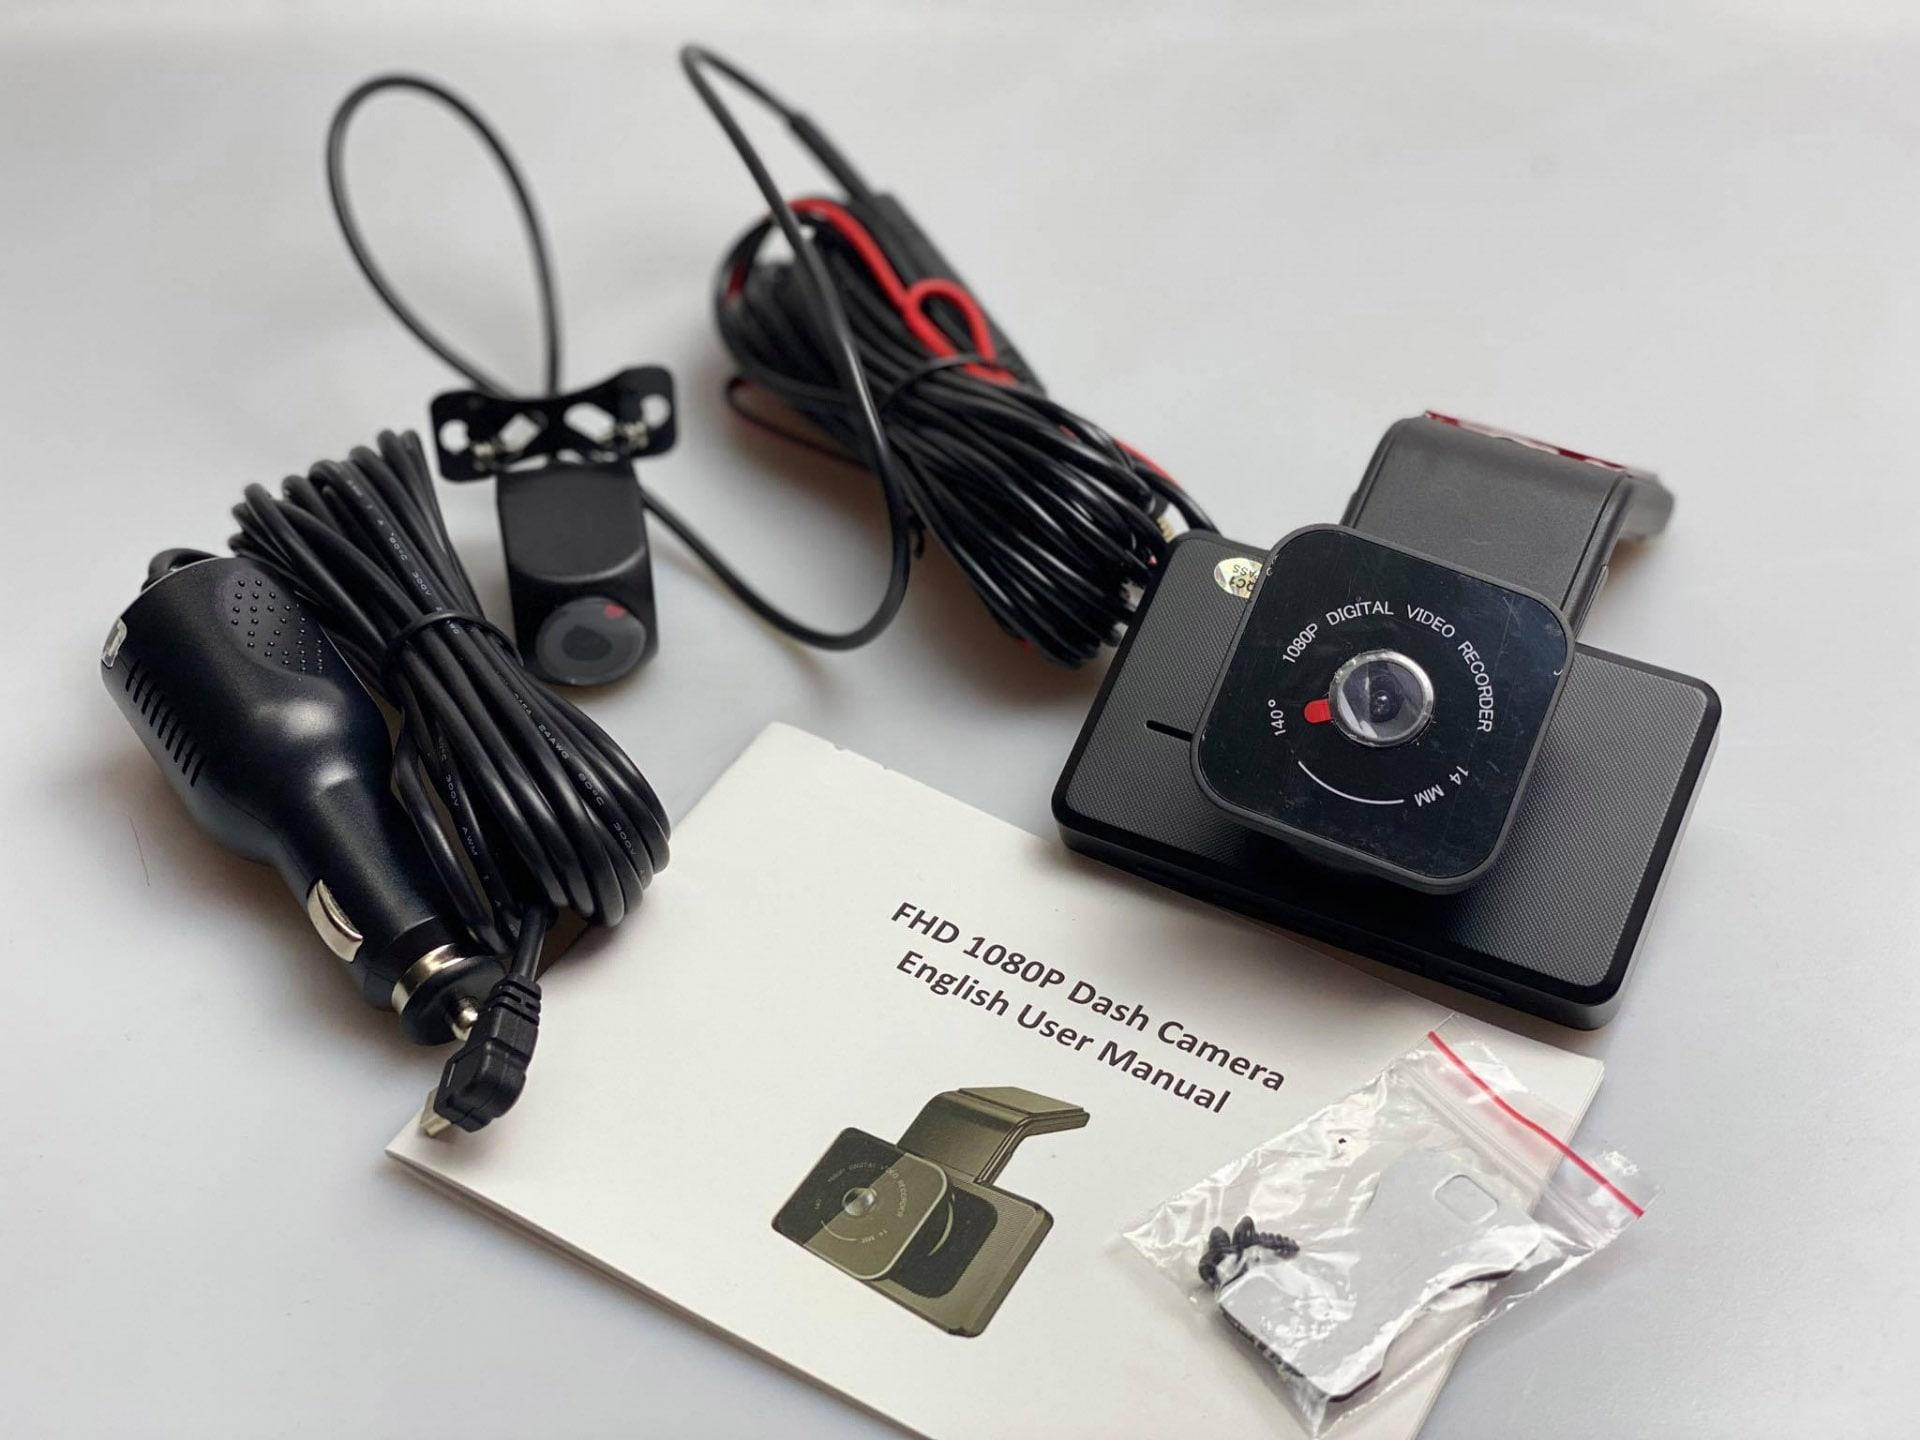 carcam k10 đã có sẵn hàng tại thành nam gps